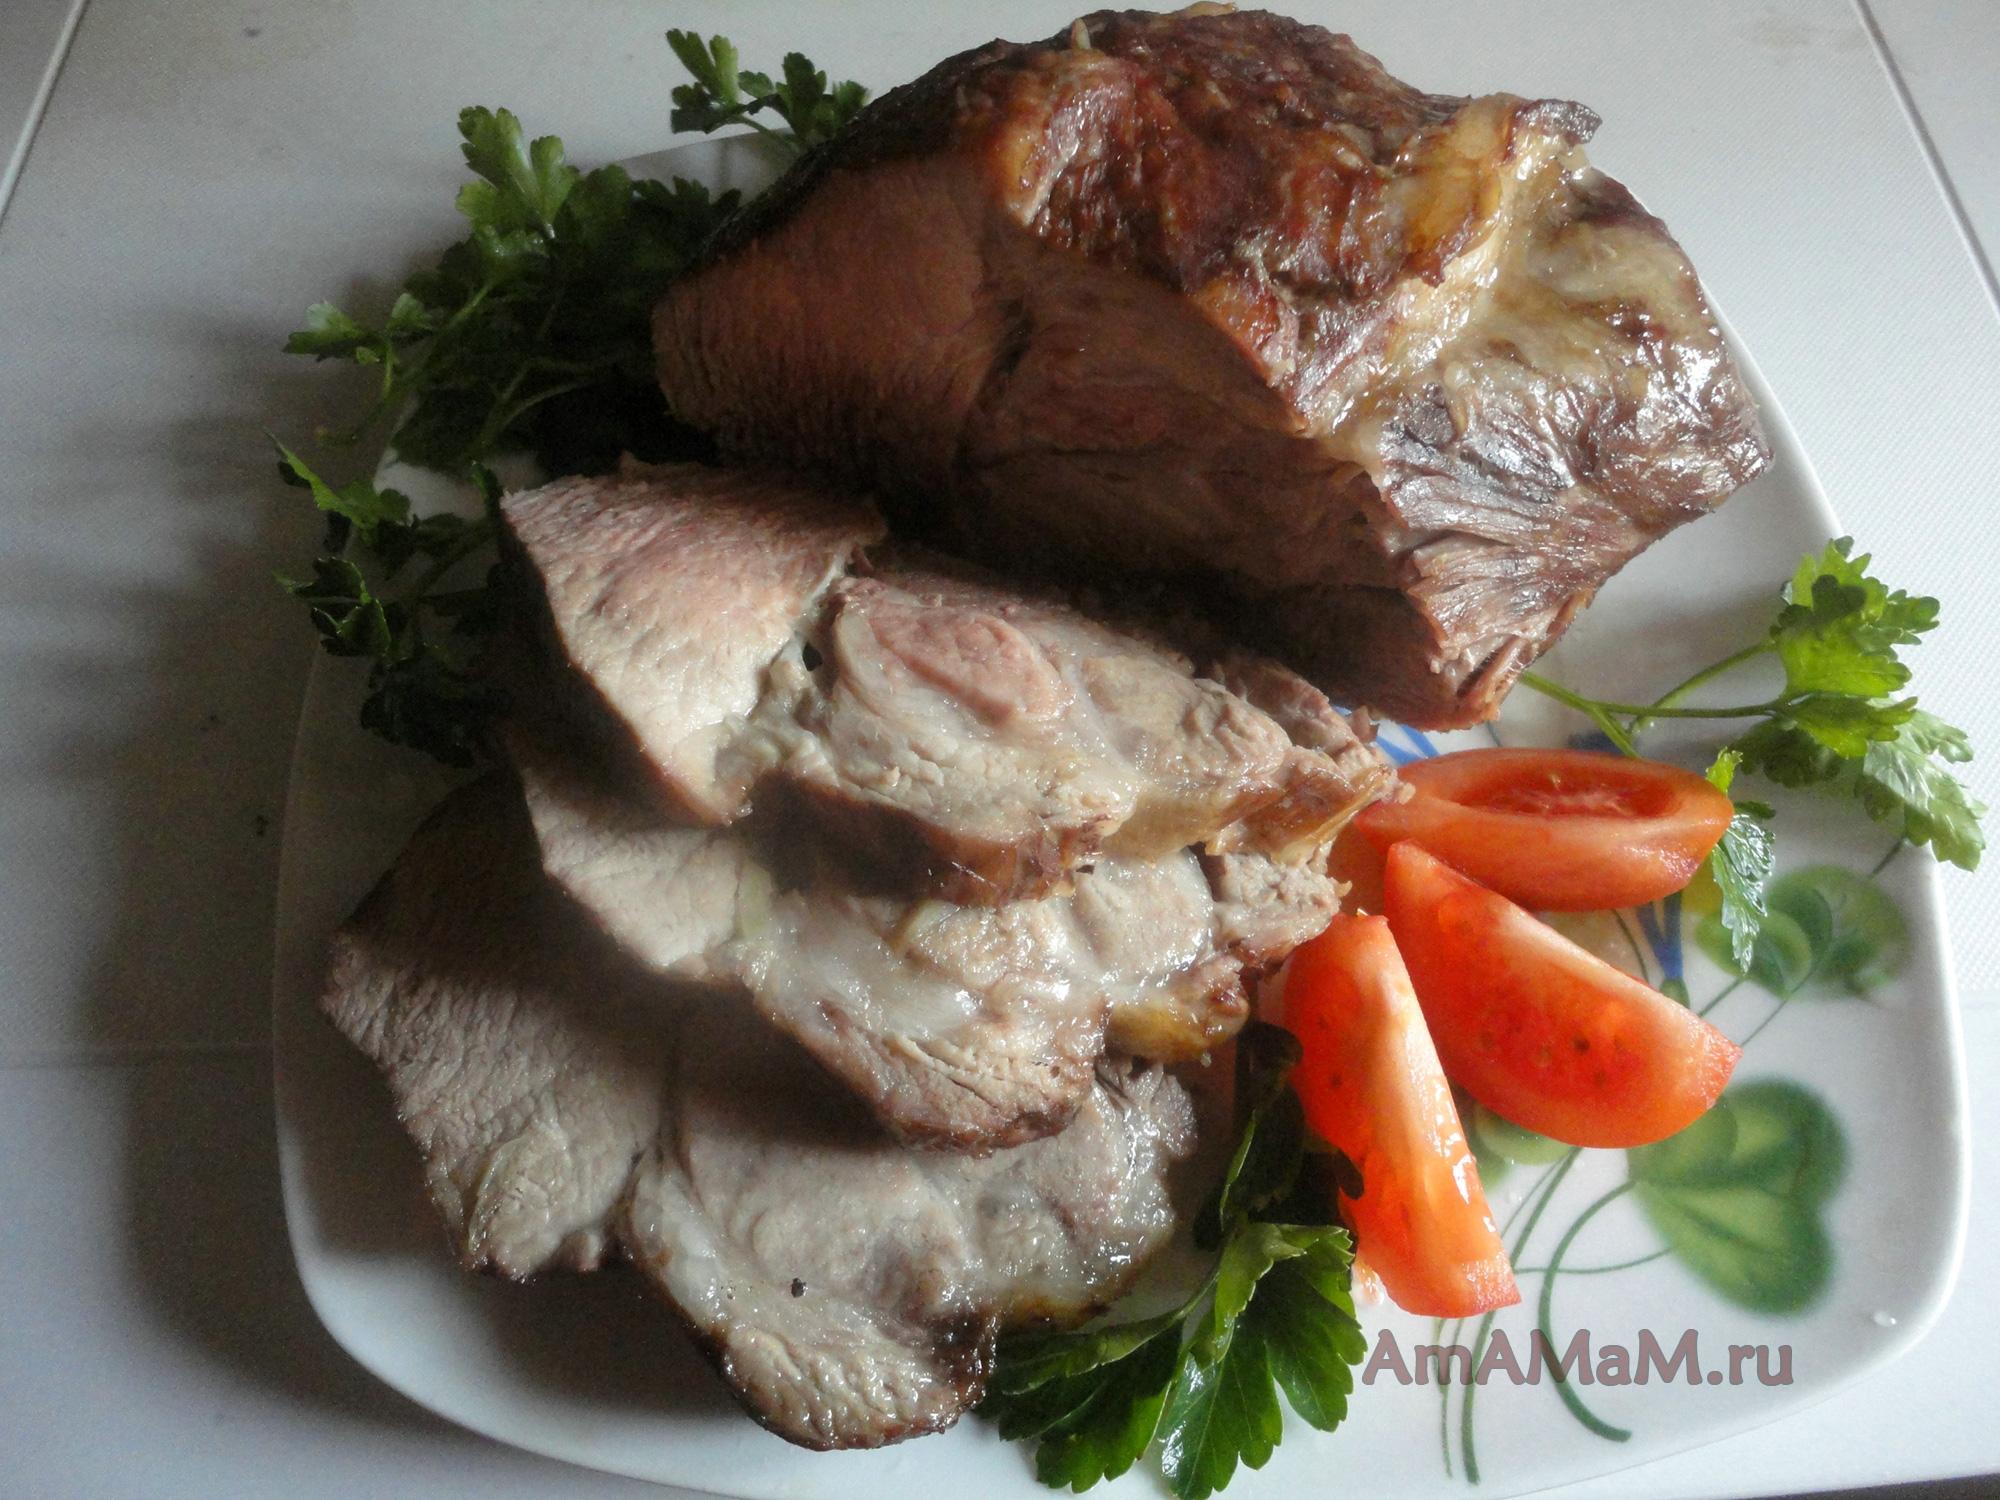 вареная печень свиная рецепты приготовления